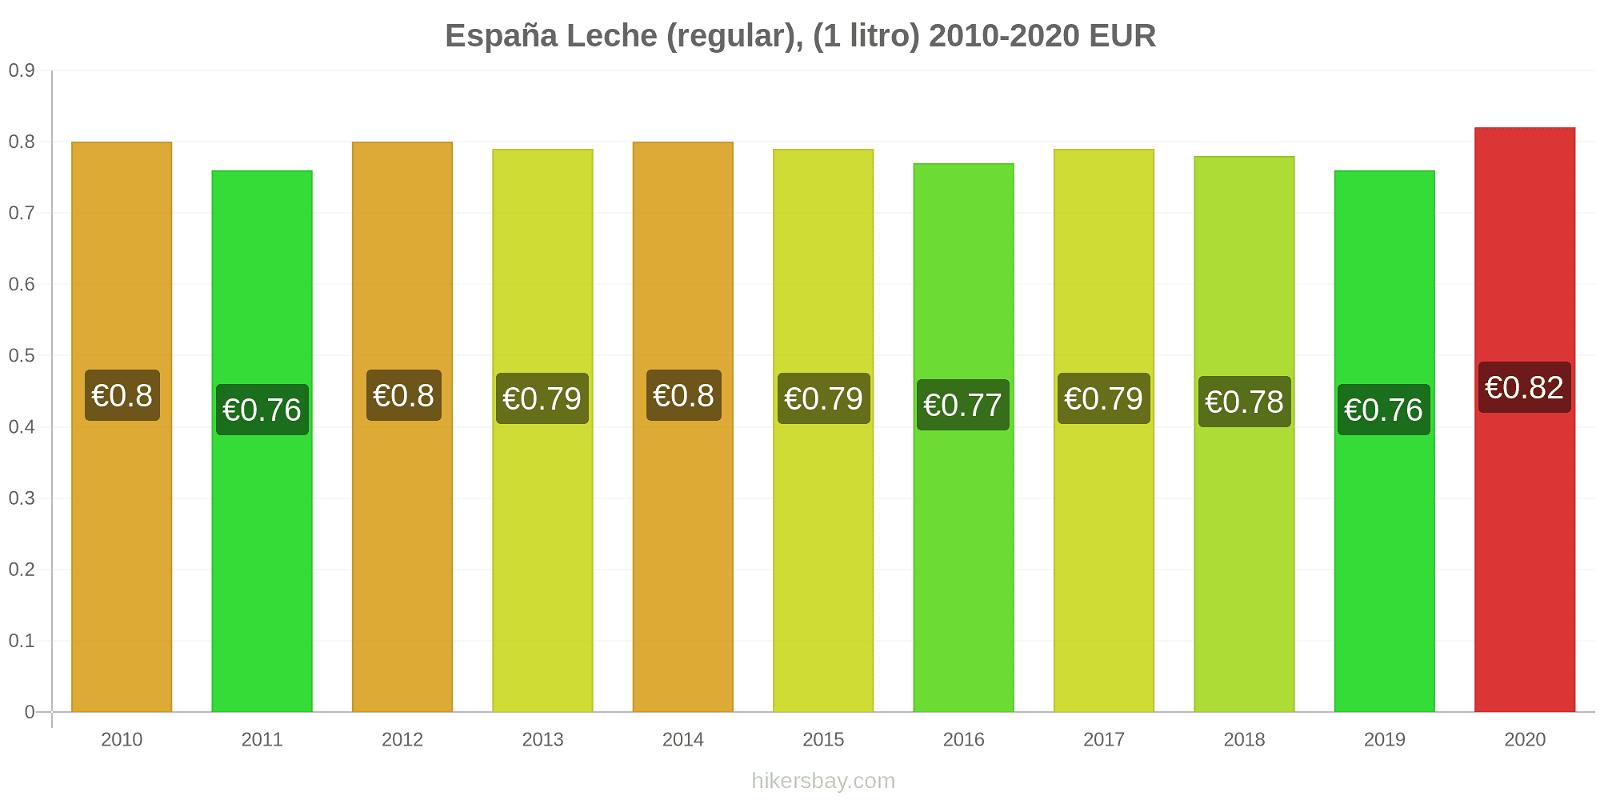 España cambios de precios Leche (Regular), (1 litro) hikersbay.com